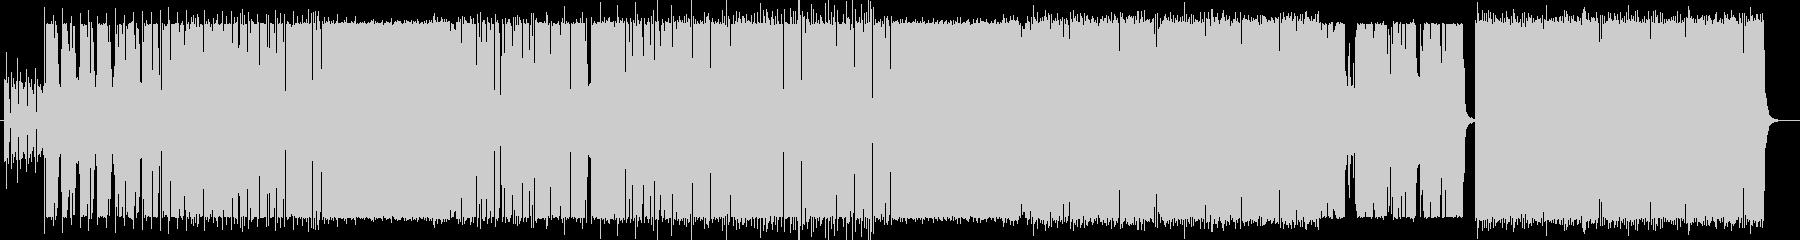 リラクゼーションなポップス曲の未再生の波形